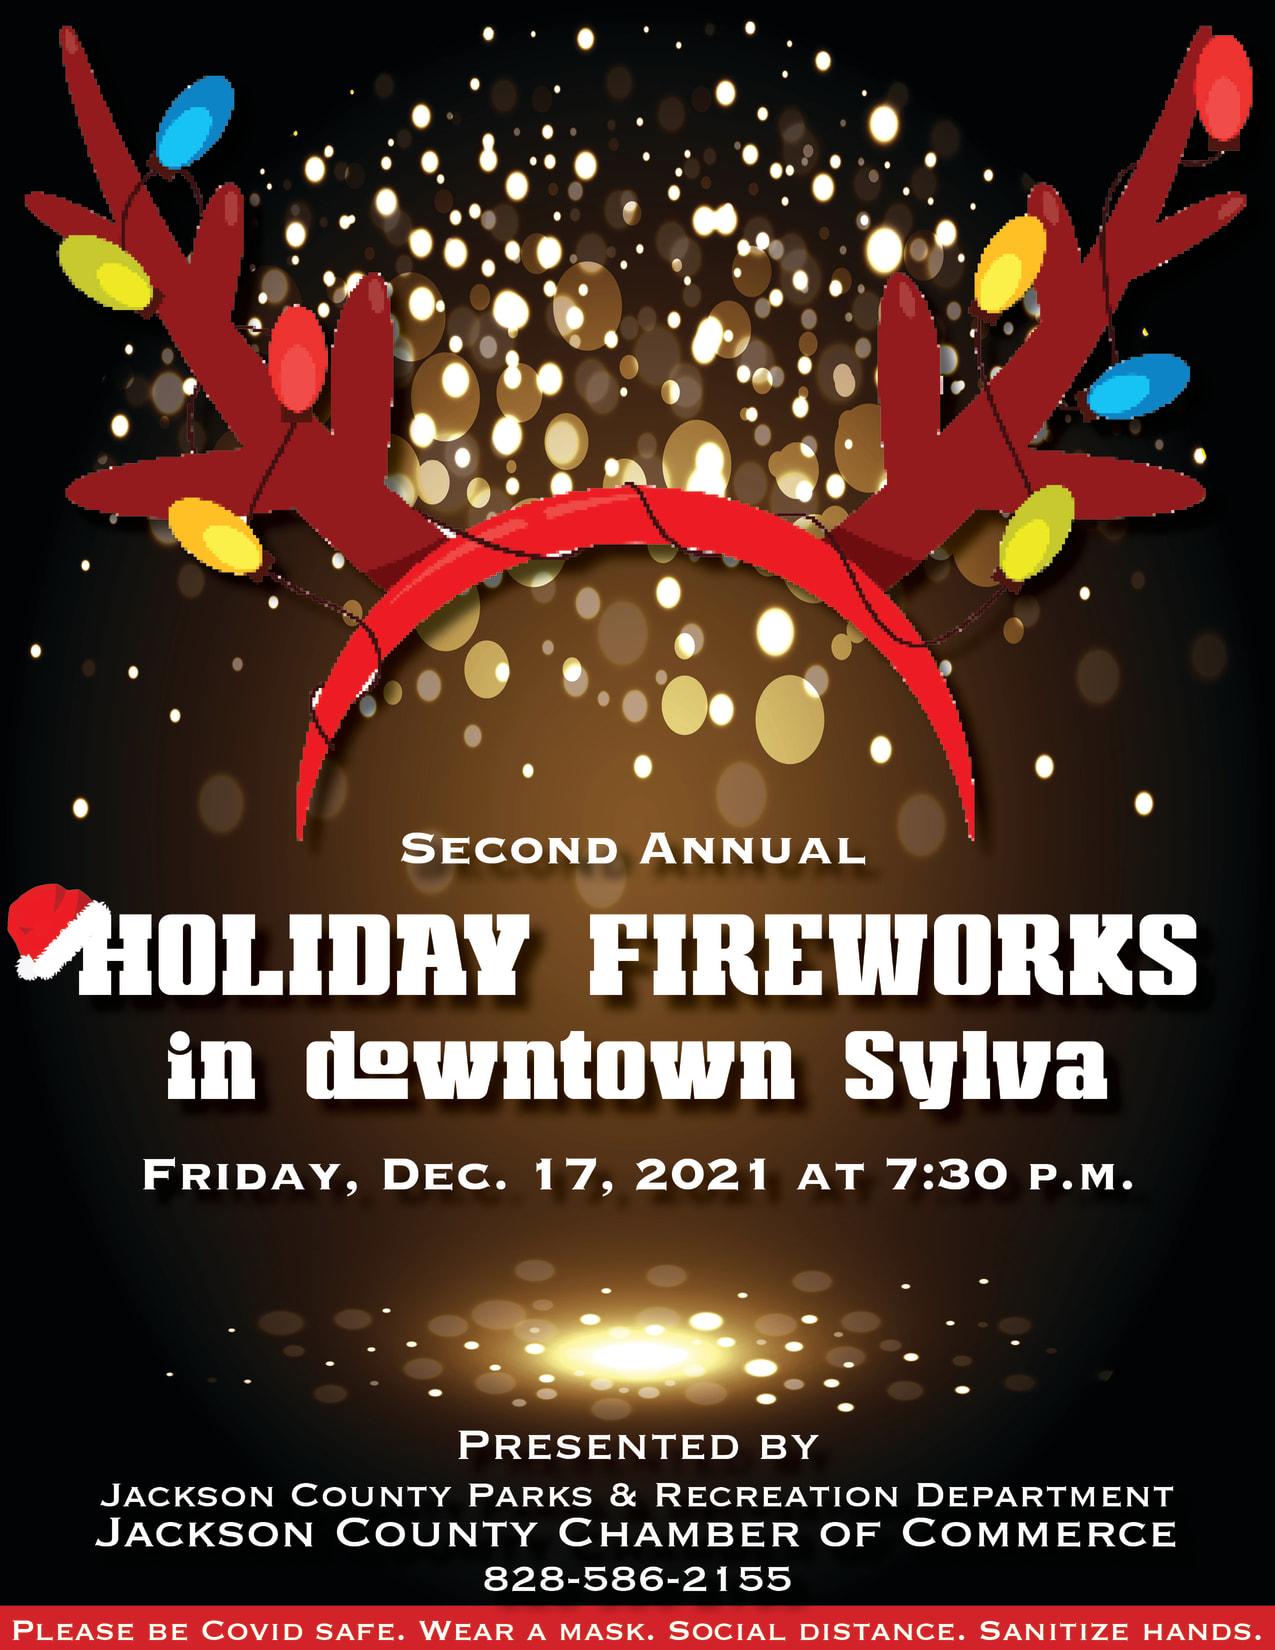 HolidayFireworks2021.jpg